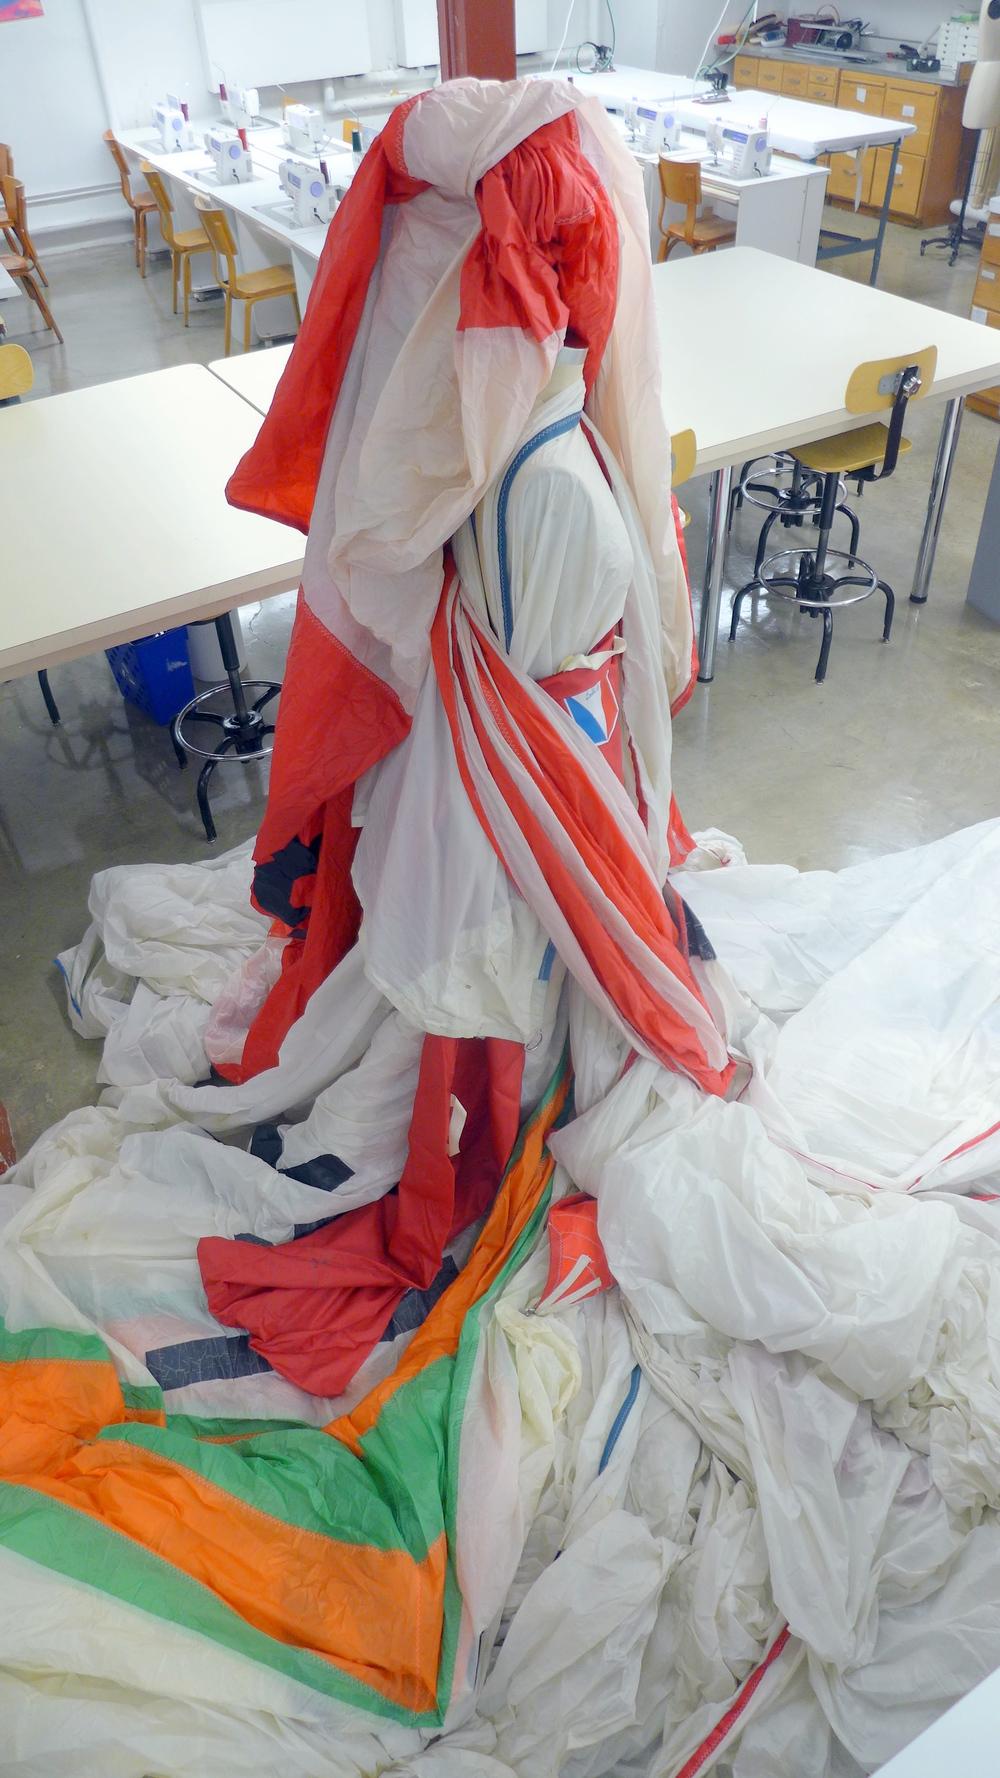 sail draping